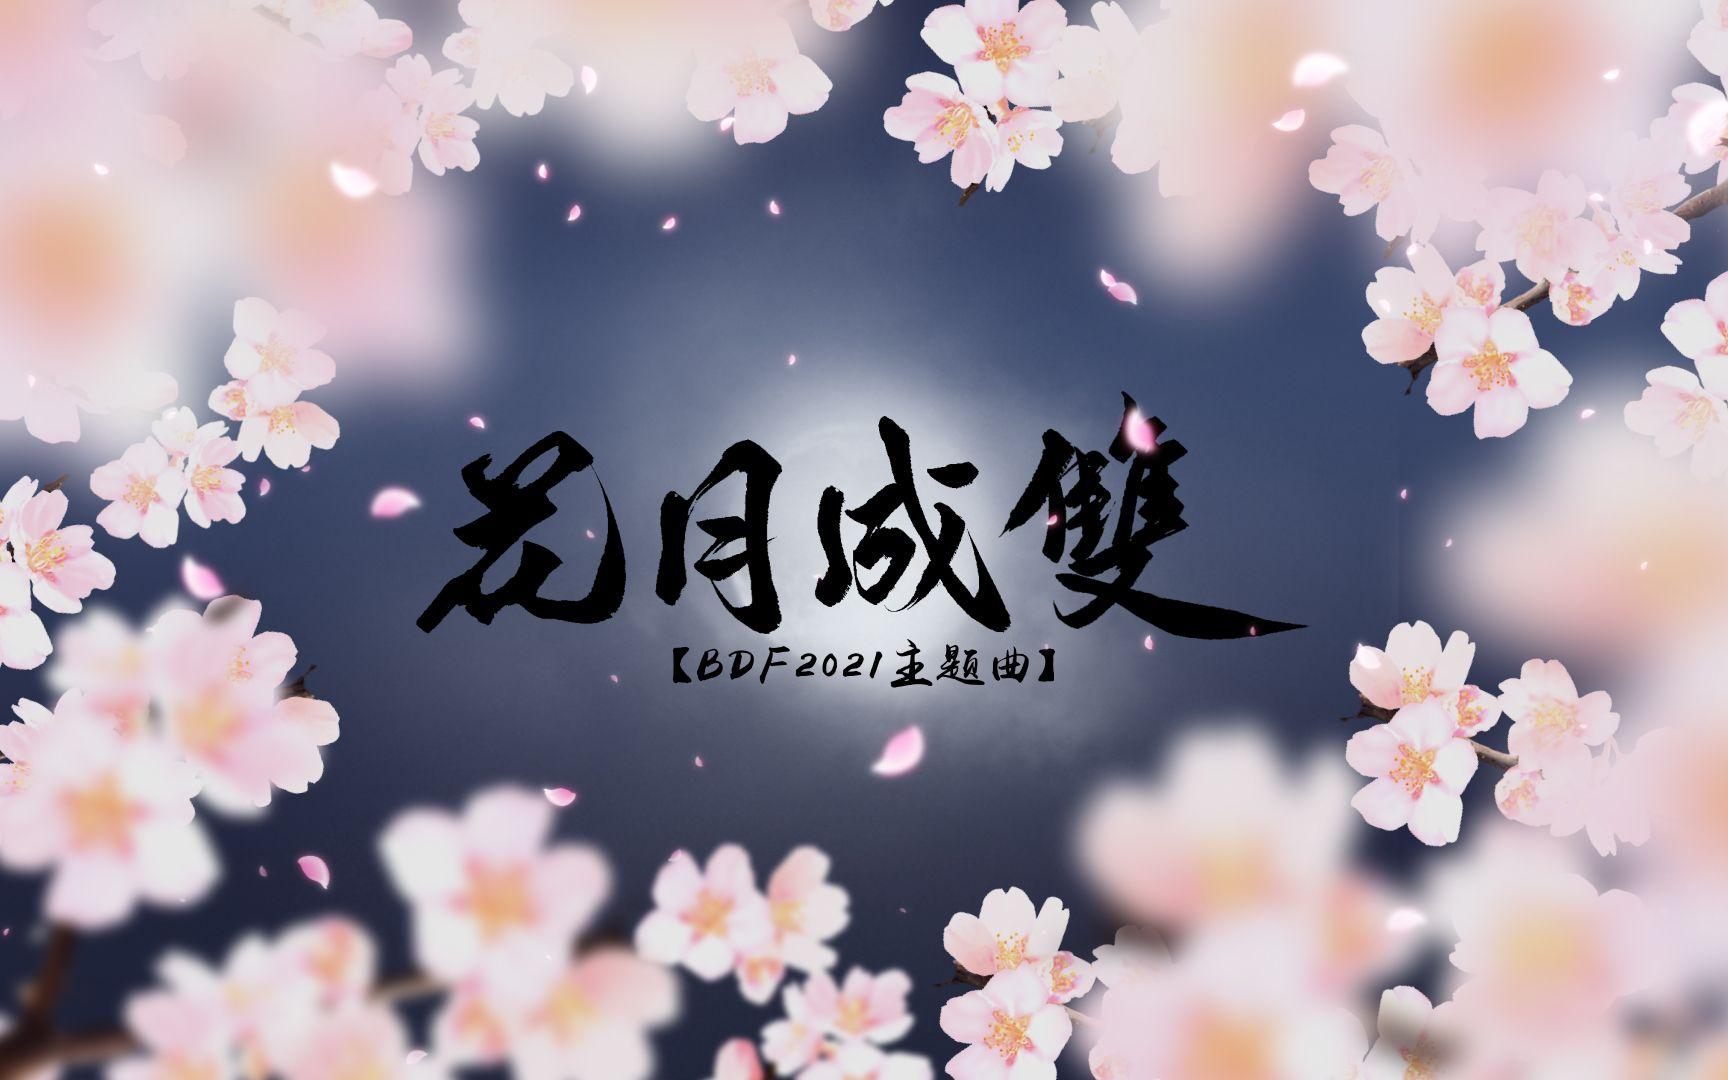 【三无】花月成双【BDF国风曲】